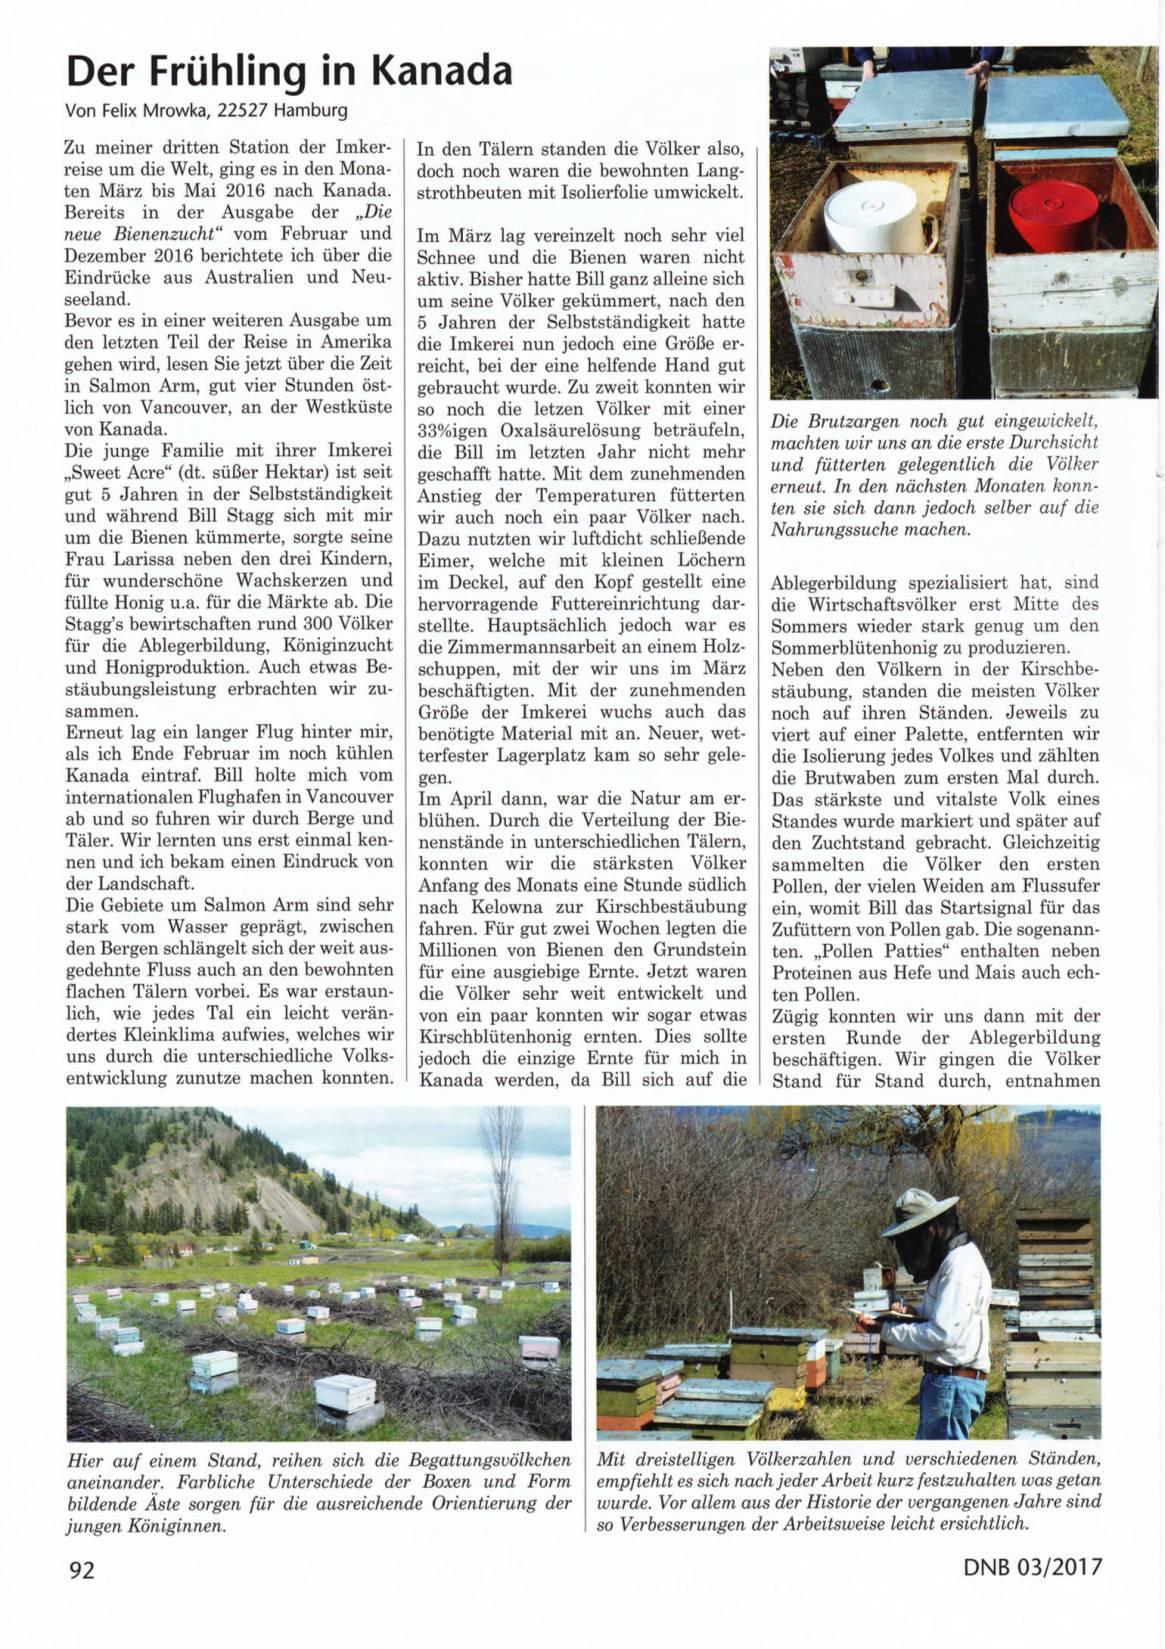 Artikel Der Frühling in Kanada Seite 1 Die Neue Bienenzucht Felix Mrowka